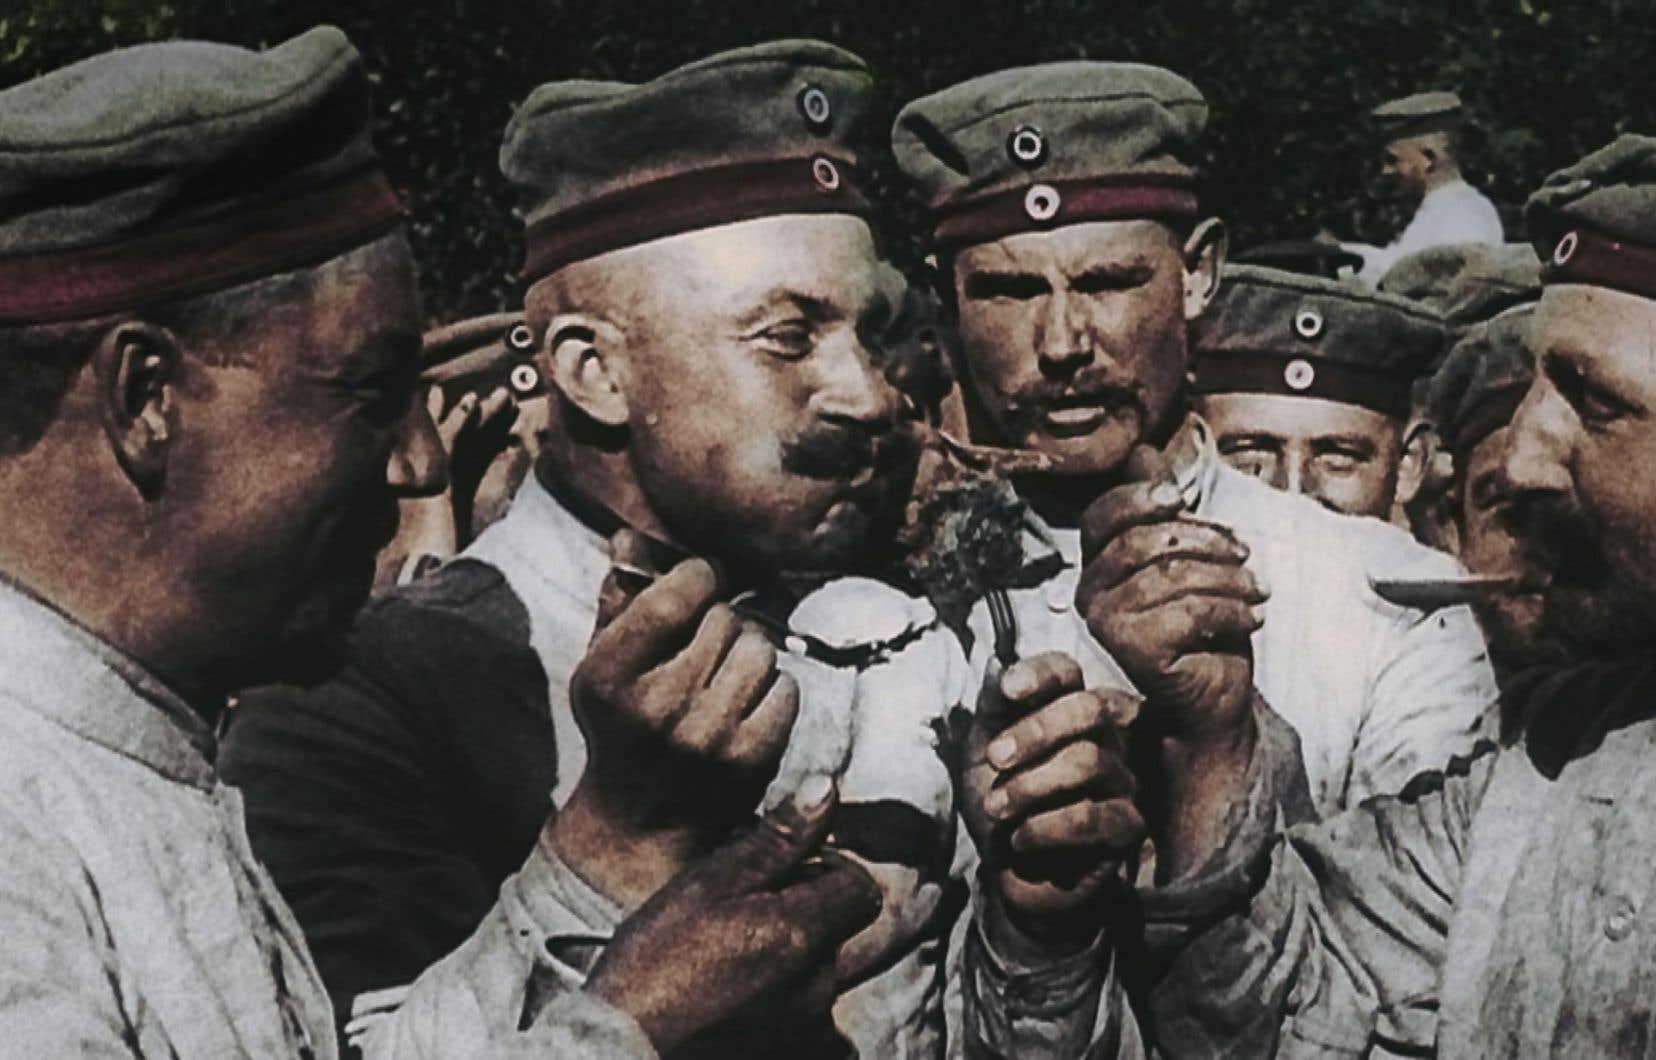 La bonne humeur de ces soldats allemands sera de courte durée: dans quelques jours ils vont affronter sur le front russe les soldats de l'armée du tsar.